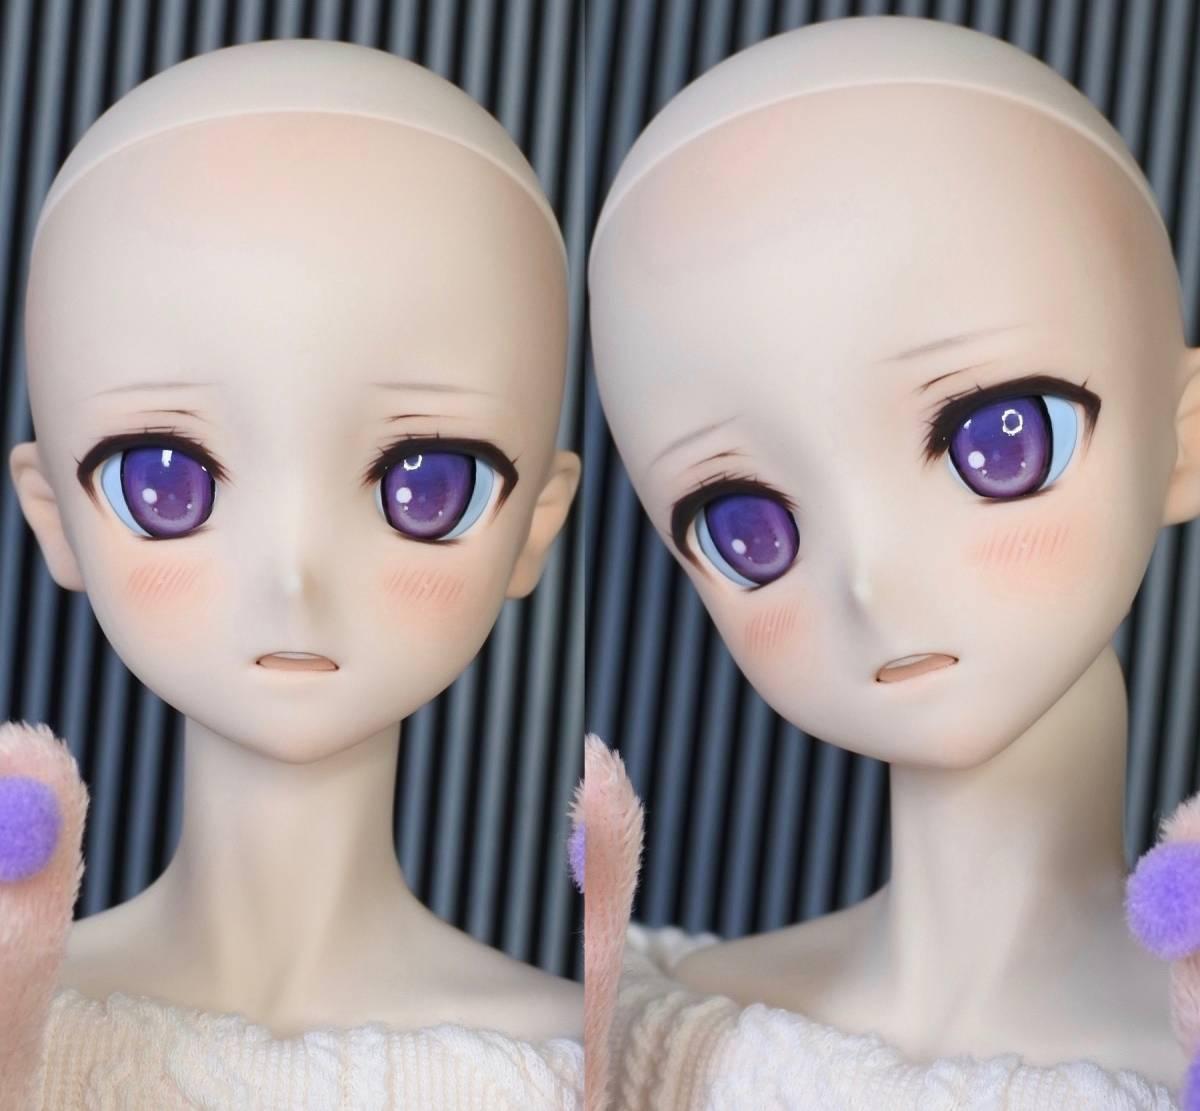 らら屋* DDH-09(開口 SW肌)カスタムヘッド&ウィッグ+α(獣耳+猫手袋+眼鏡)_画像10